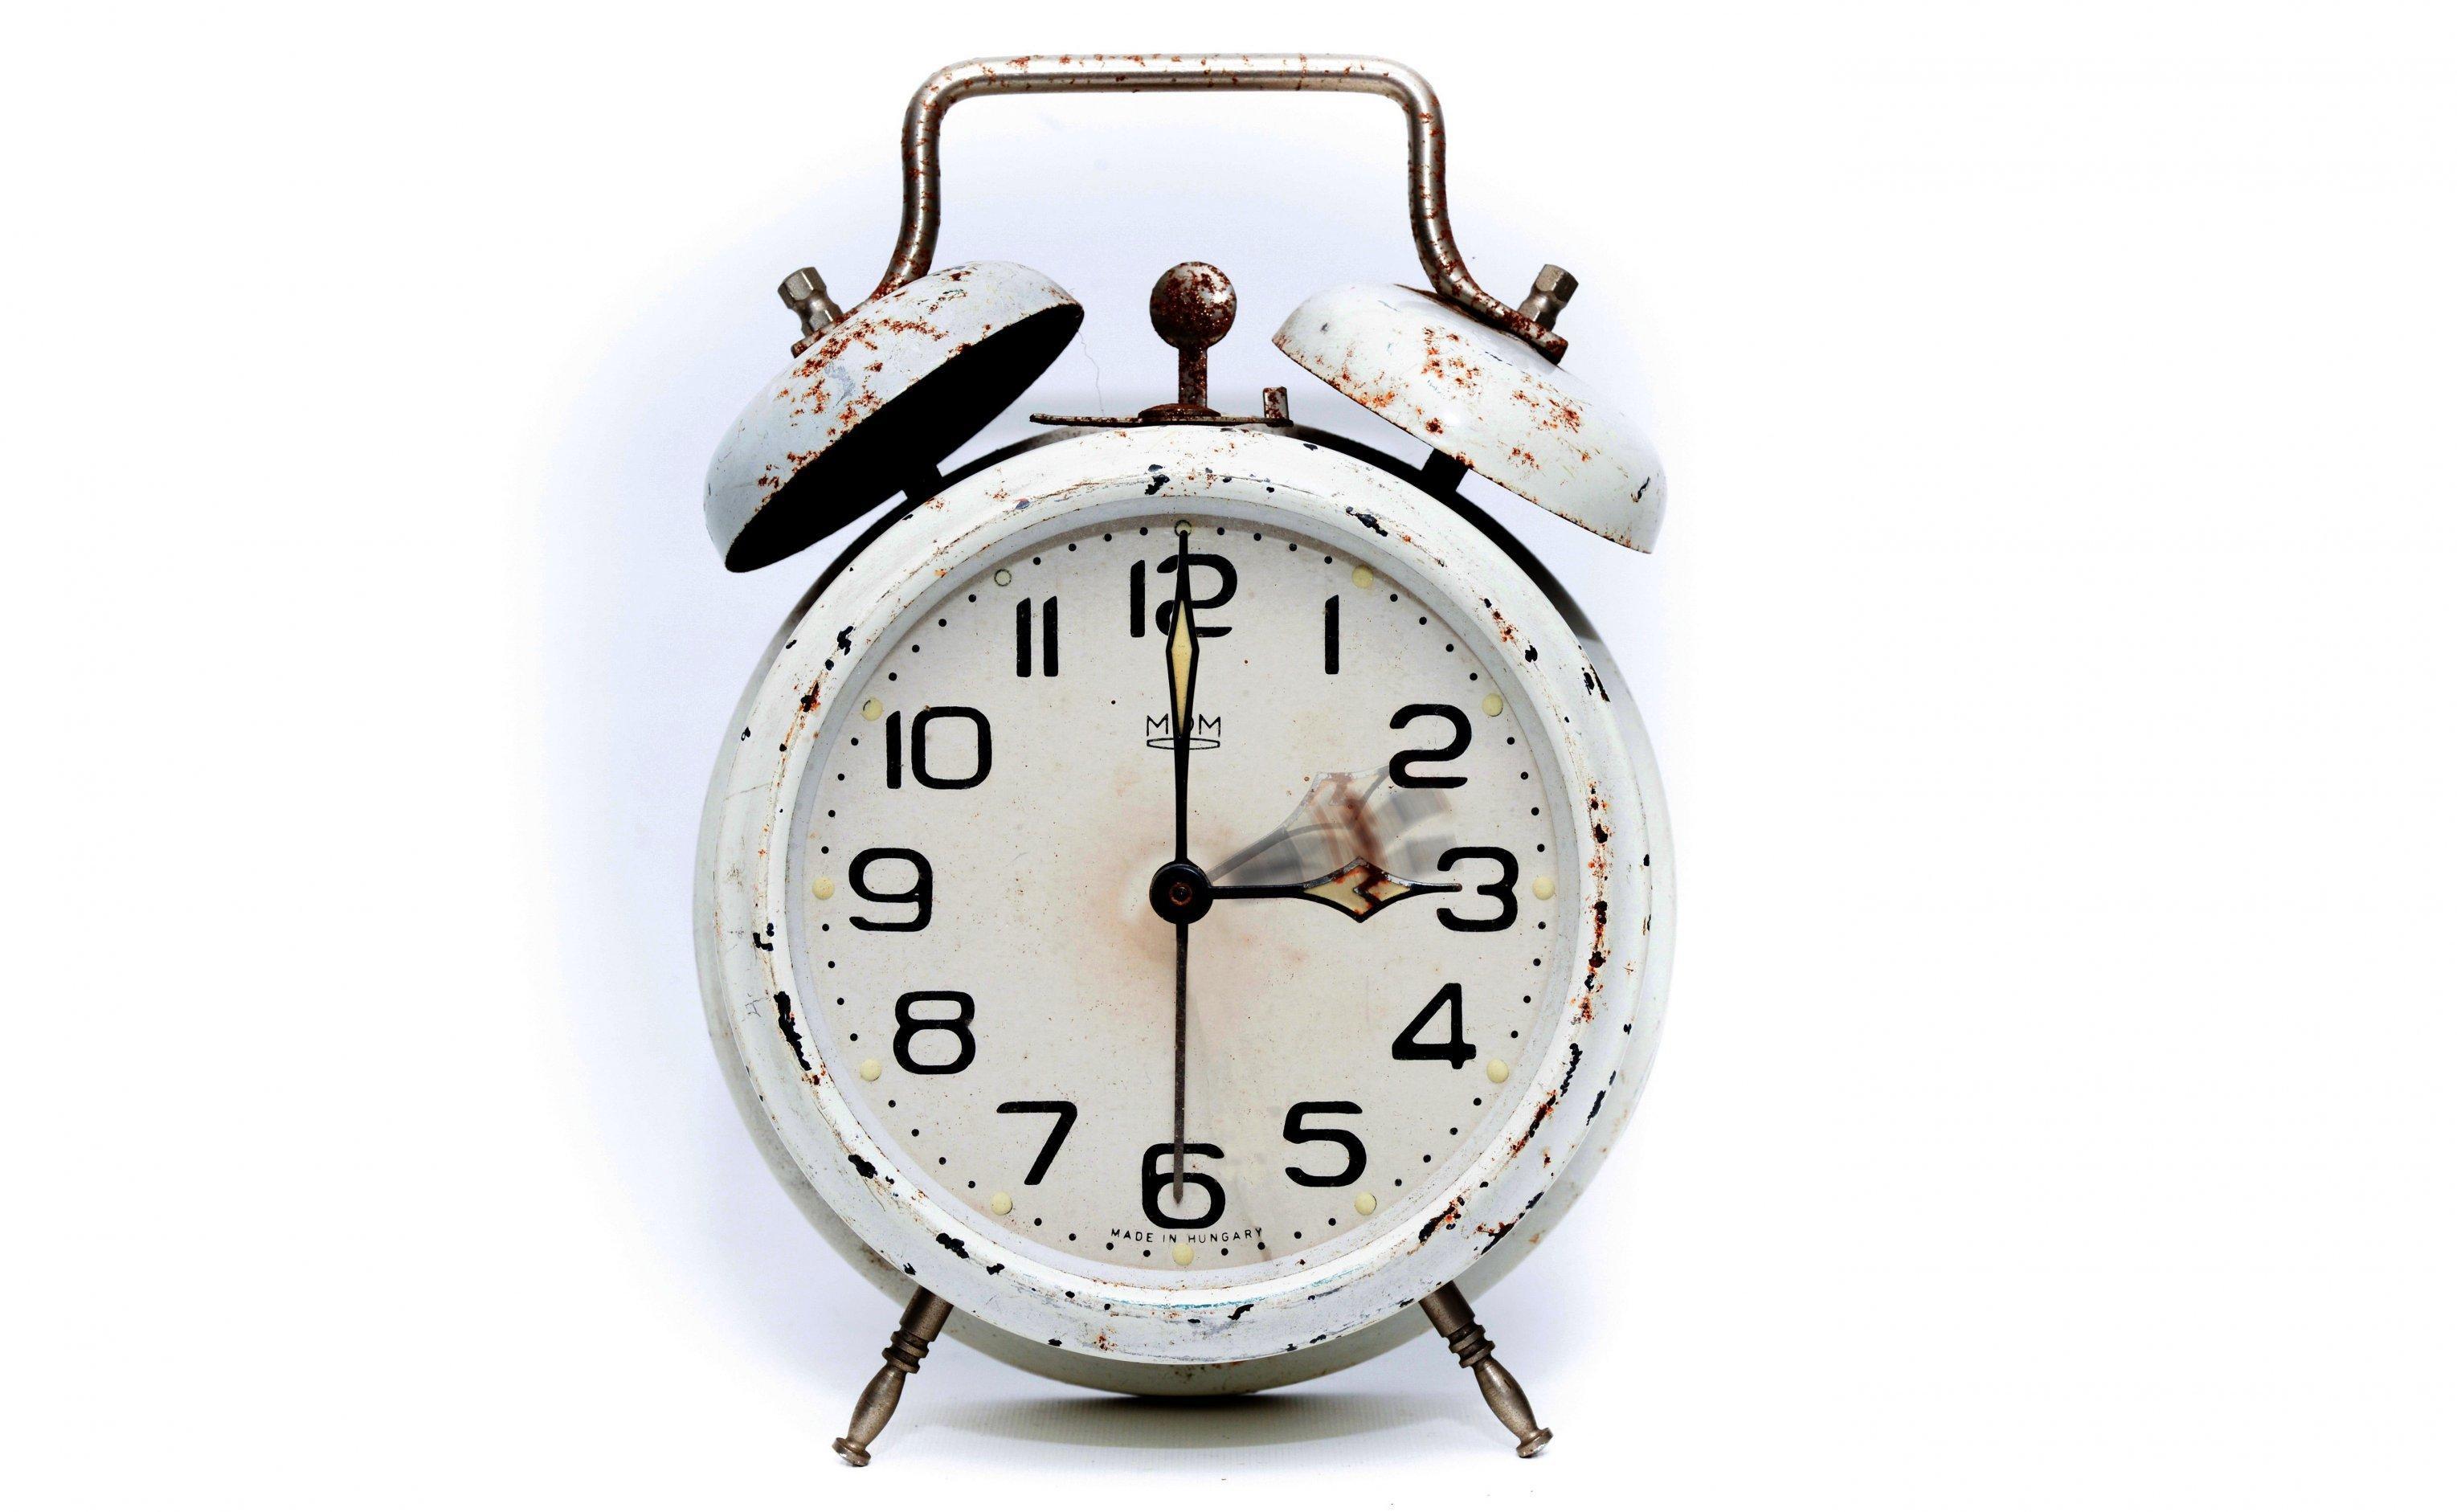 Ein Wecker, bei dem die Zeiger von zwei auf drei Uhr vorgestellt werden.